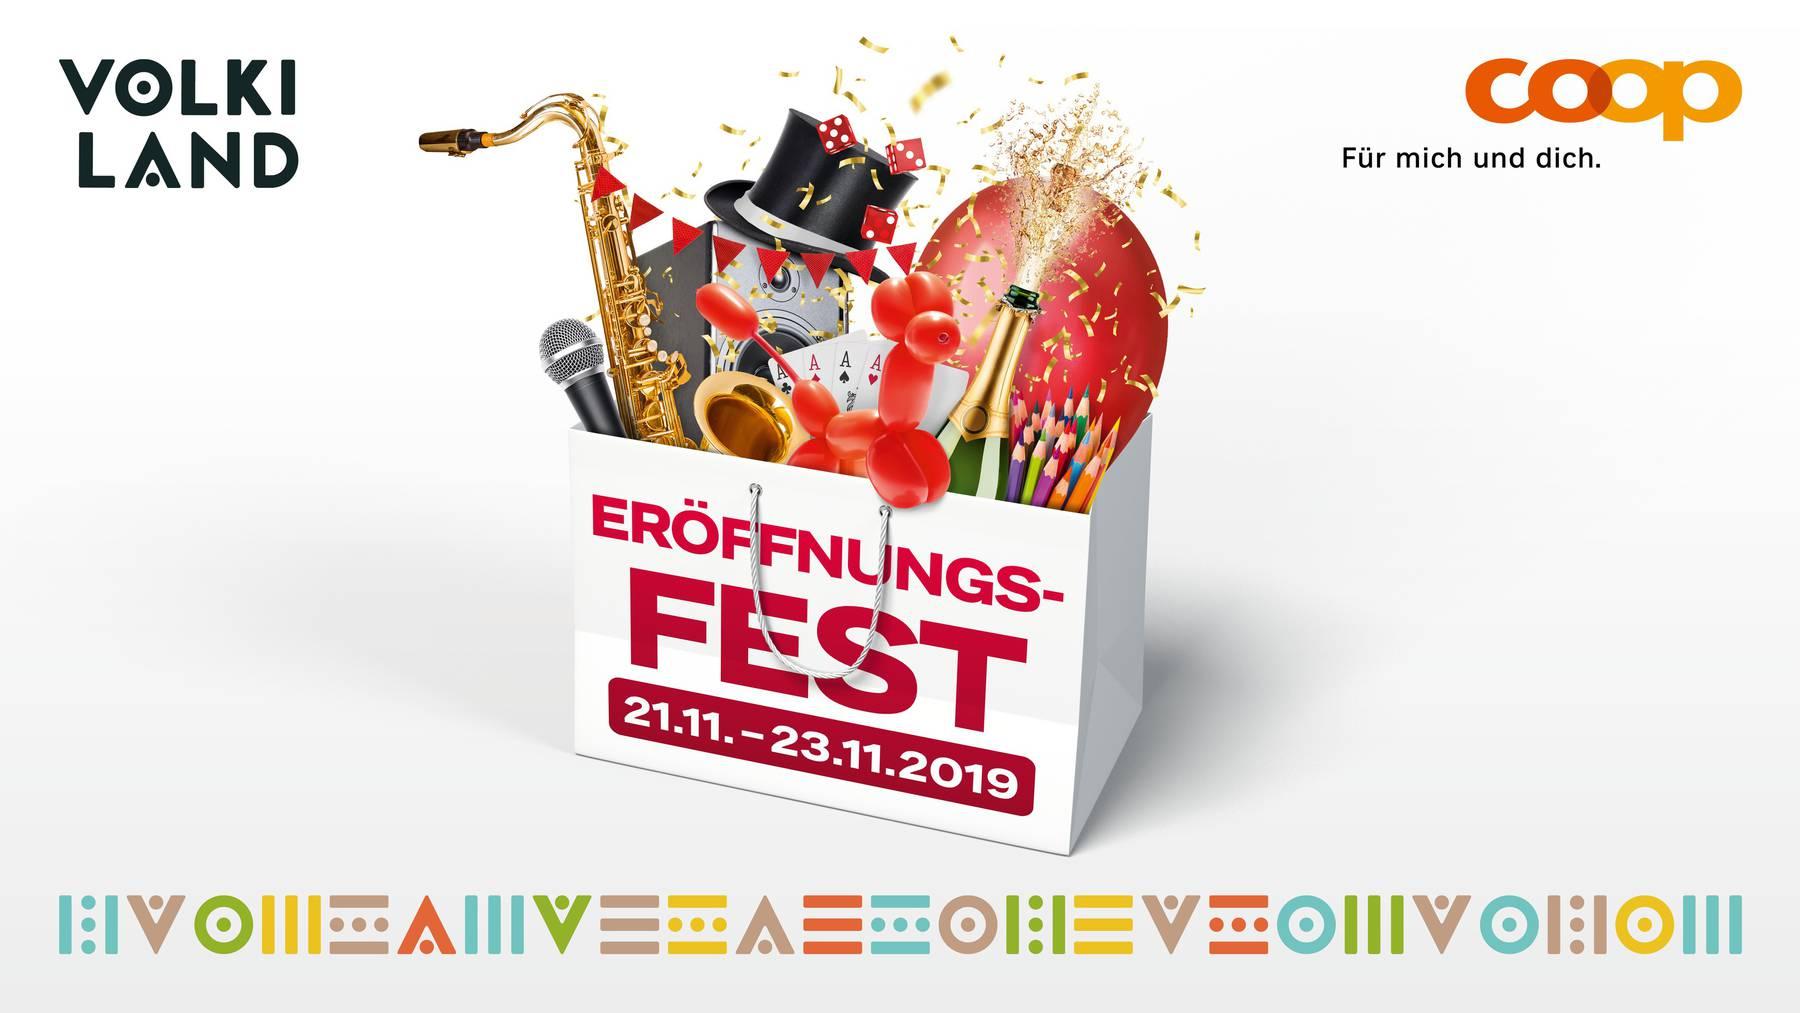 Volkiland Eröffnungsfest